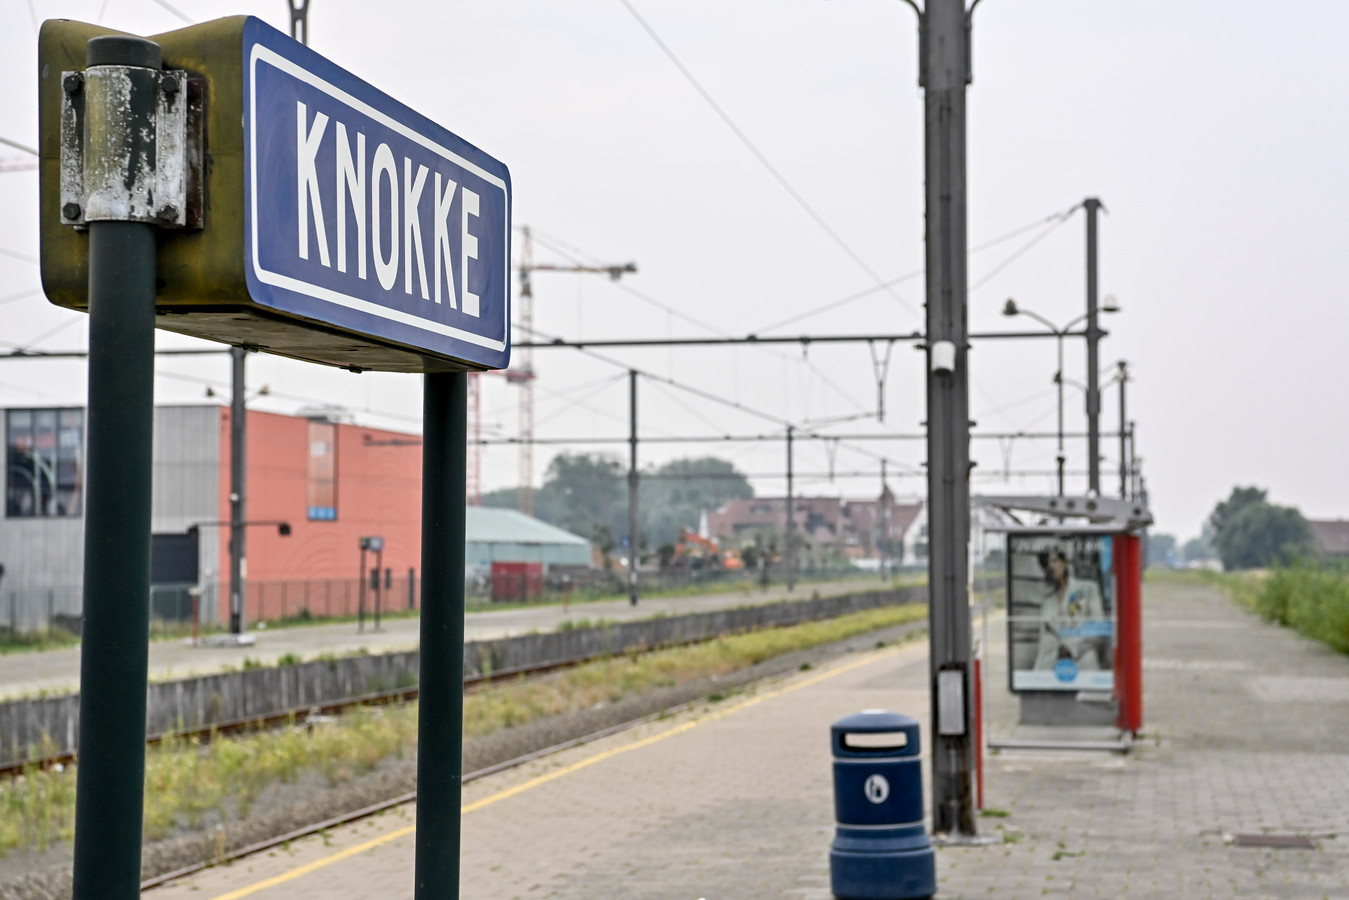 L'offre de trains de et vers Blankenberge, Knokke et Ostende sera réduite ce week-end et les temps de parcours seront prolongés.